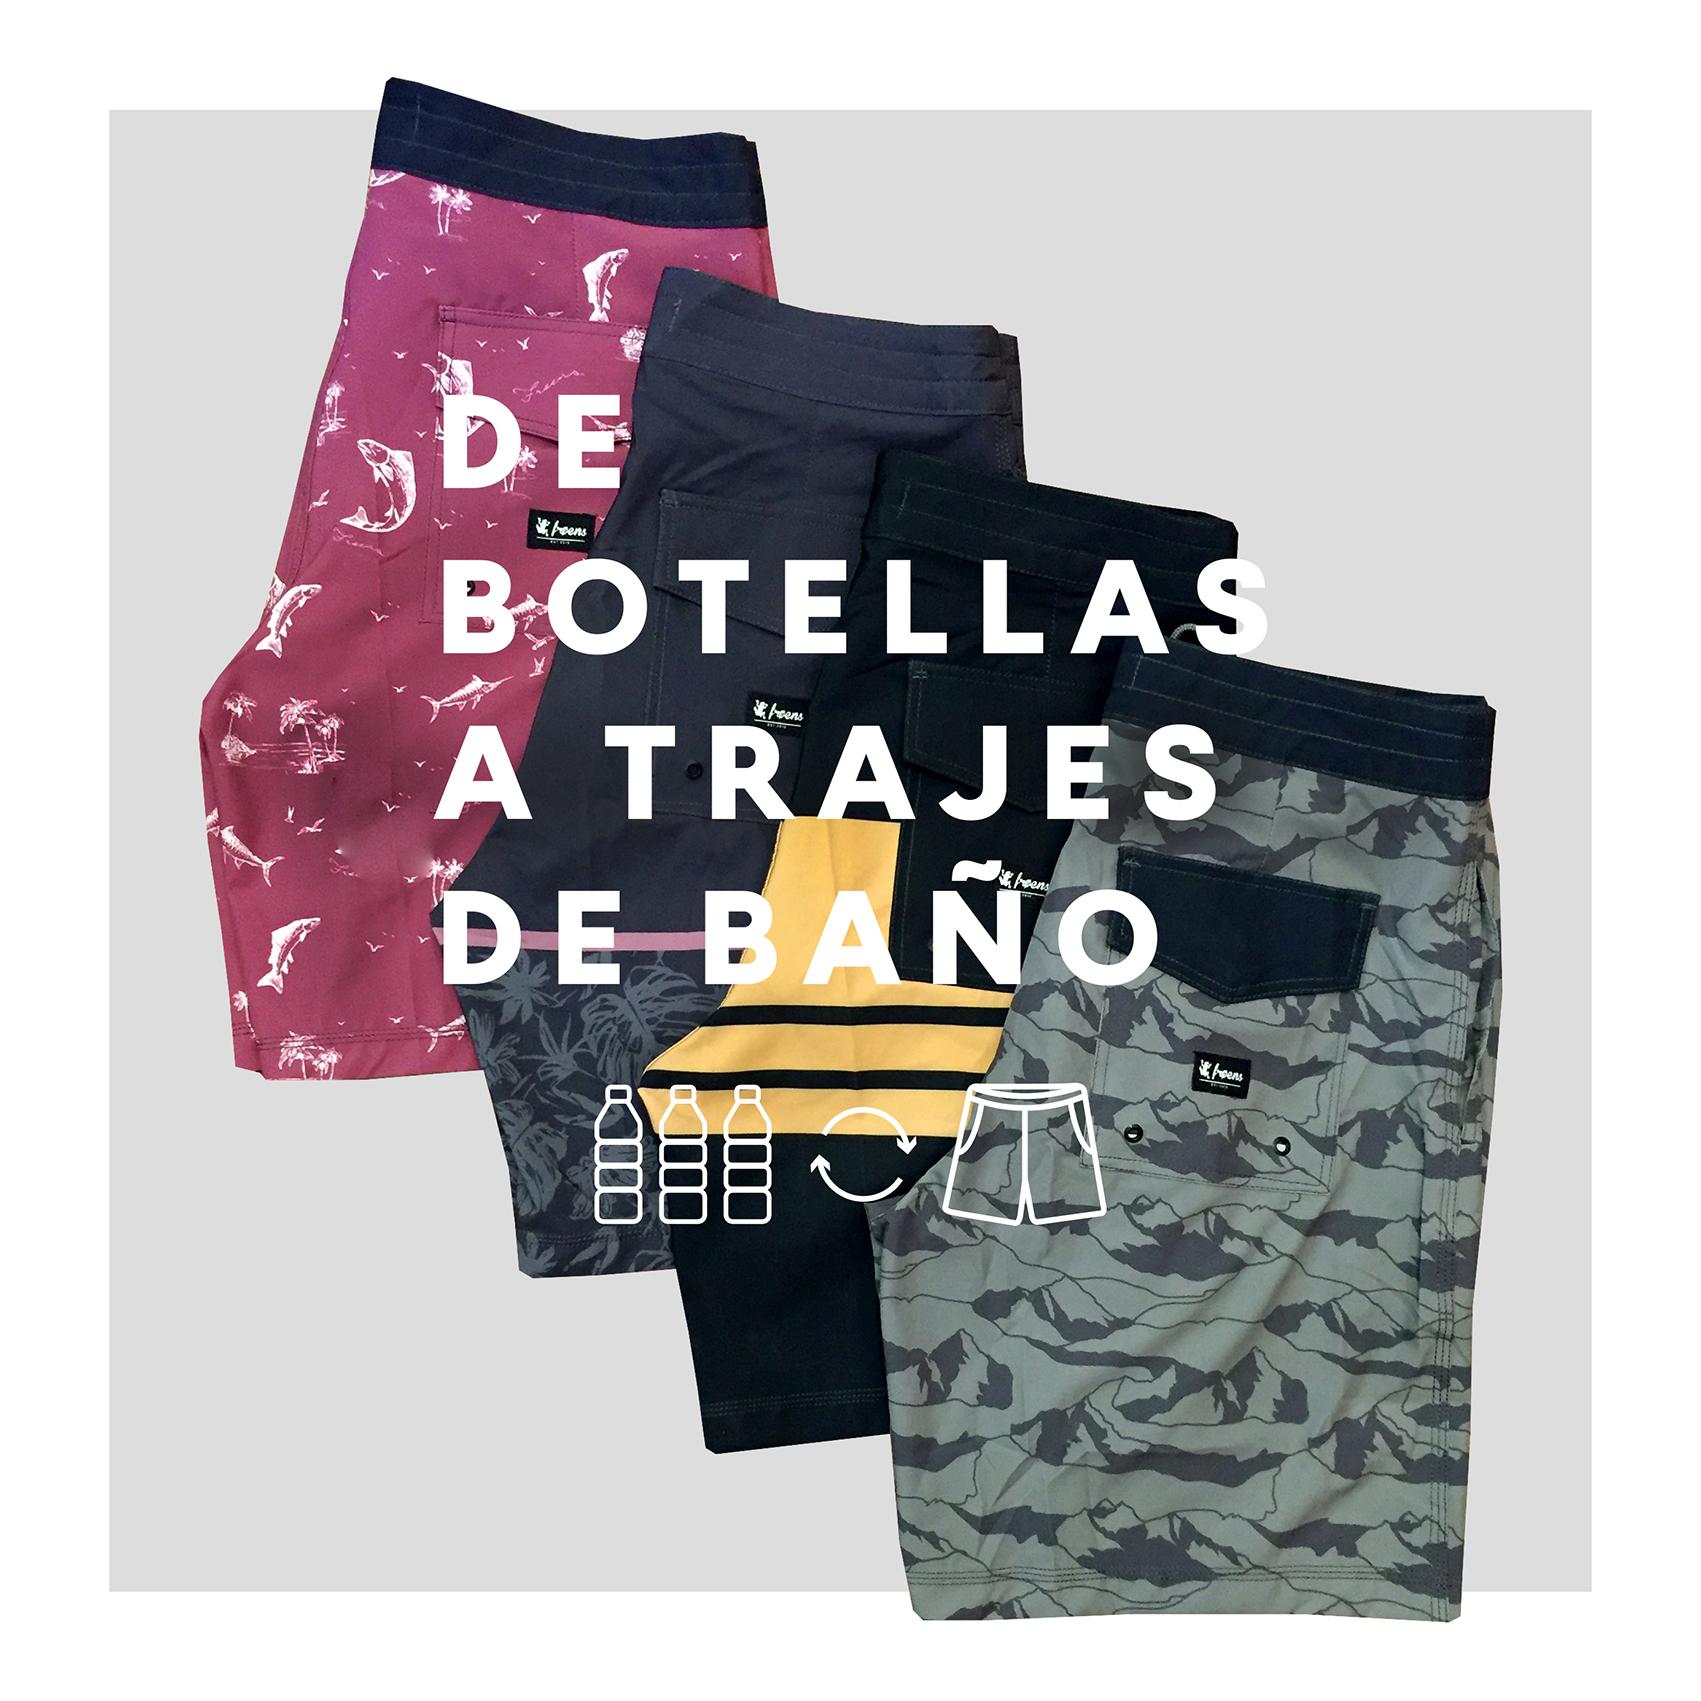 Entrevista a Froens, marca chilena de ropa veraniega que experimenta con la sustentabilidad